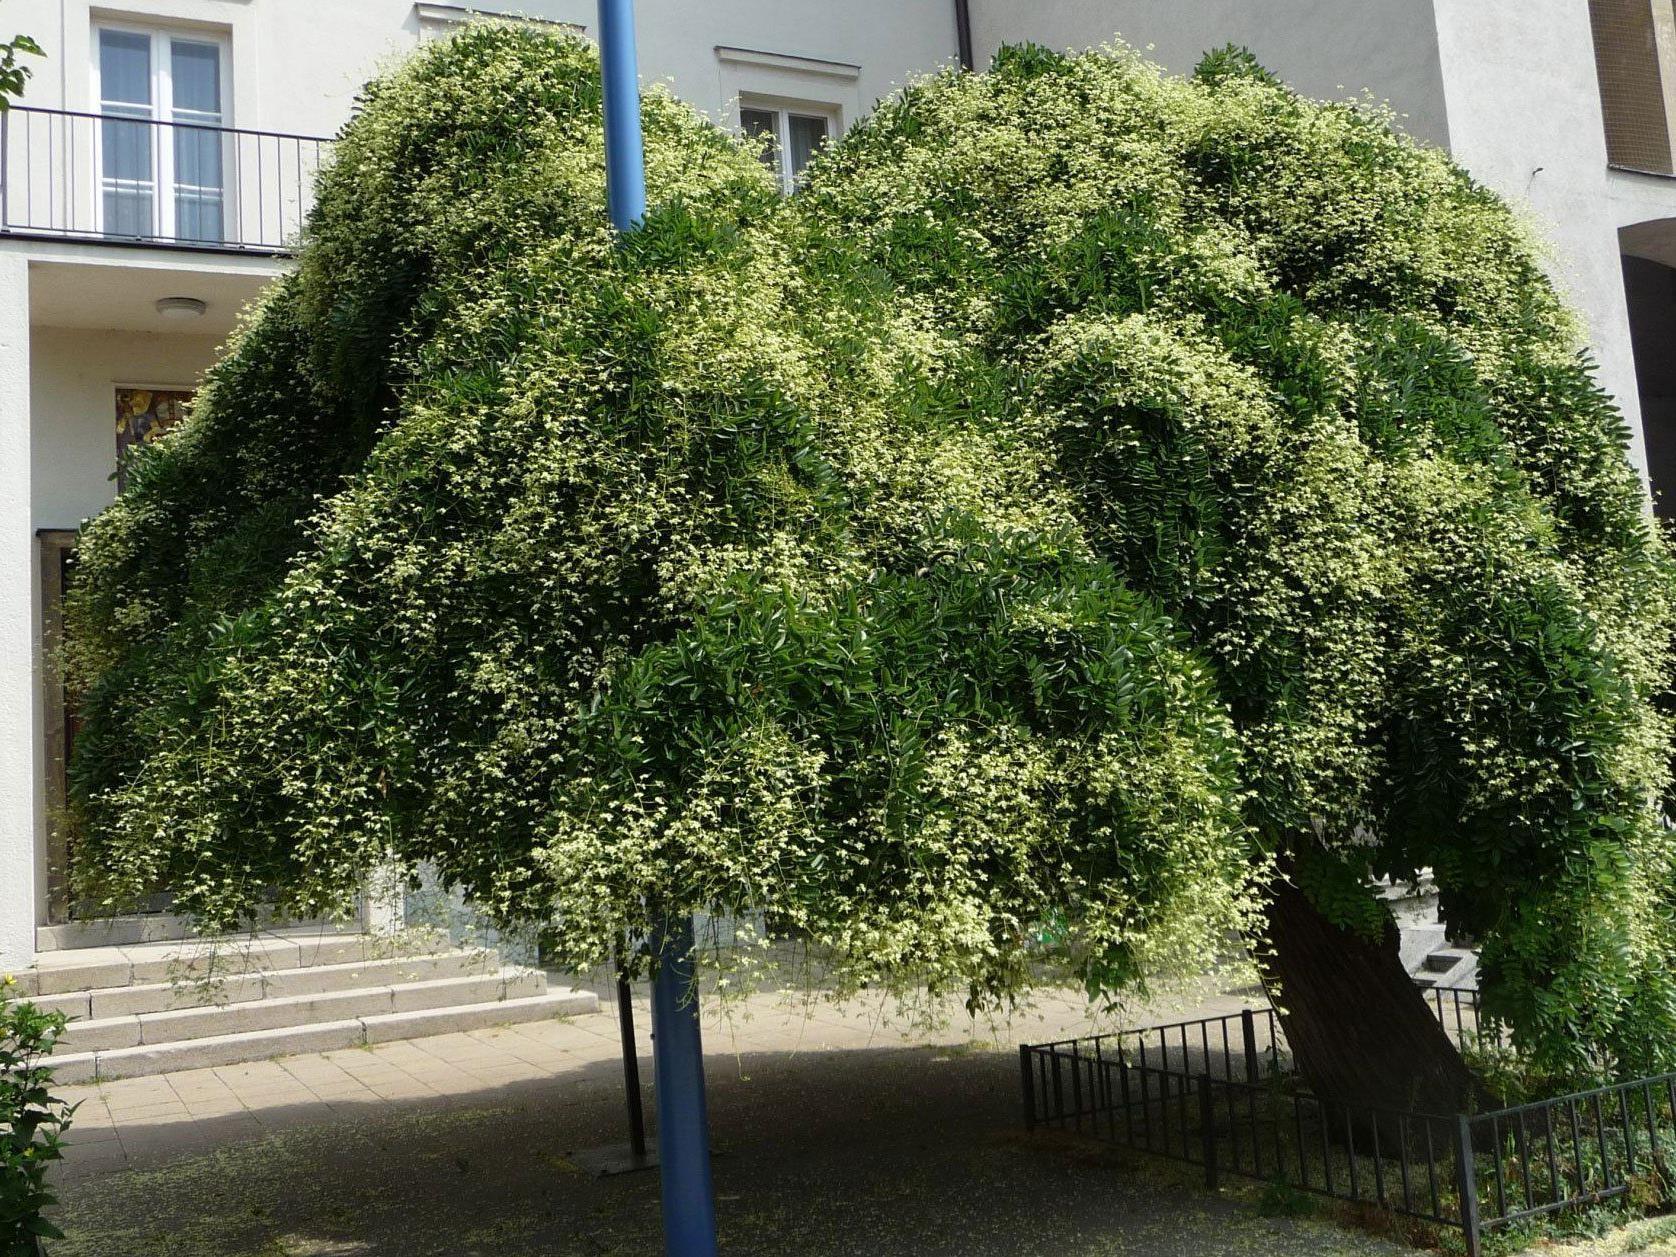 Ein Wiener Trauerschnurbaum in voller Blüte.